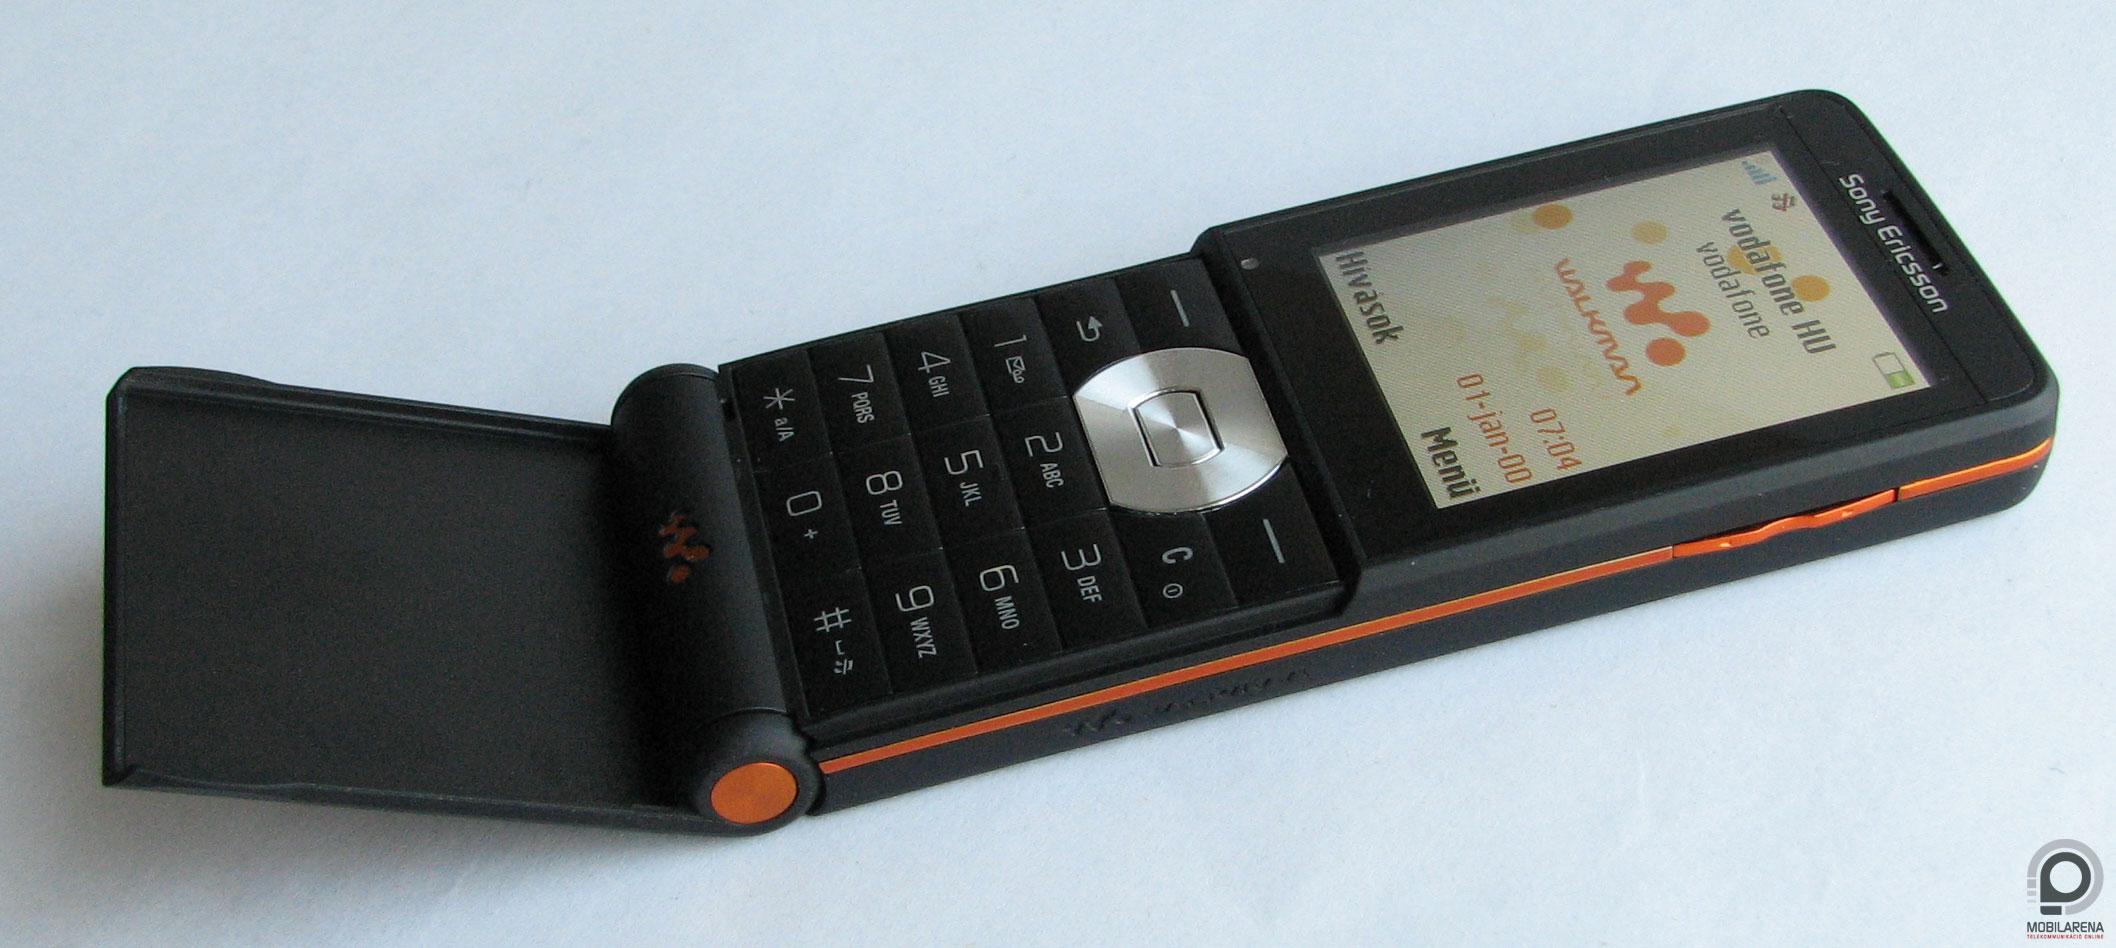 Sony Ericsson W350i - flip-flap